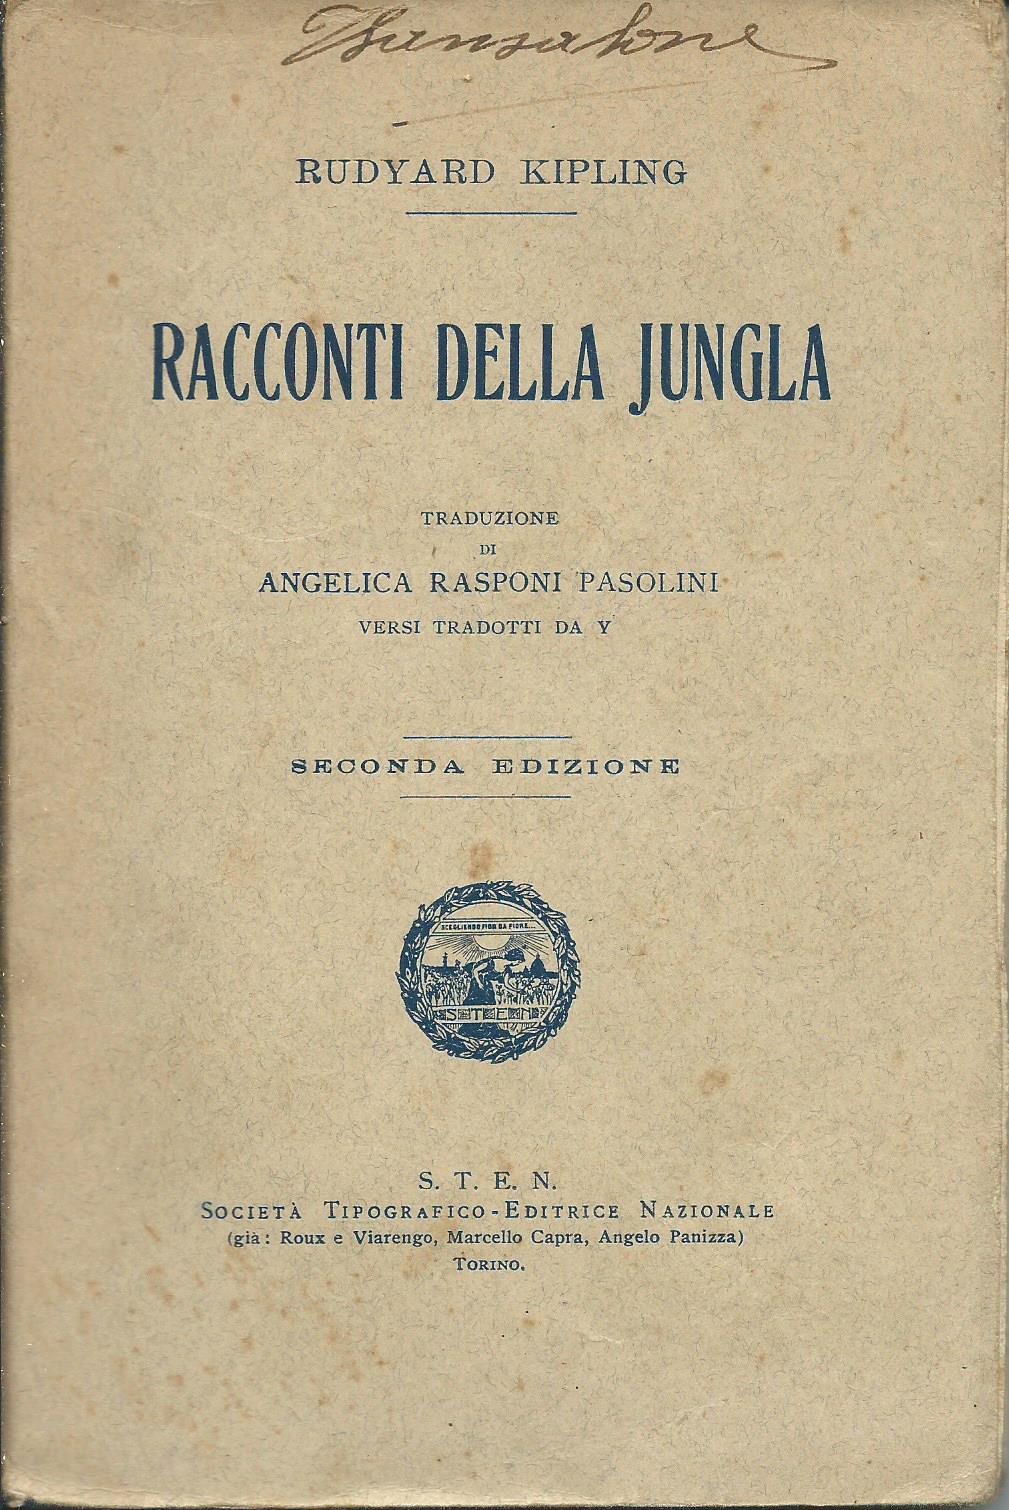 Racconti della jungla